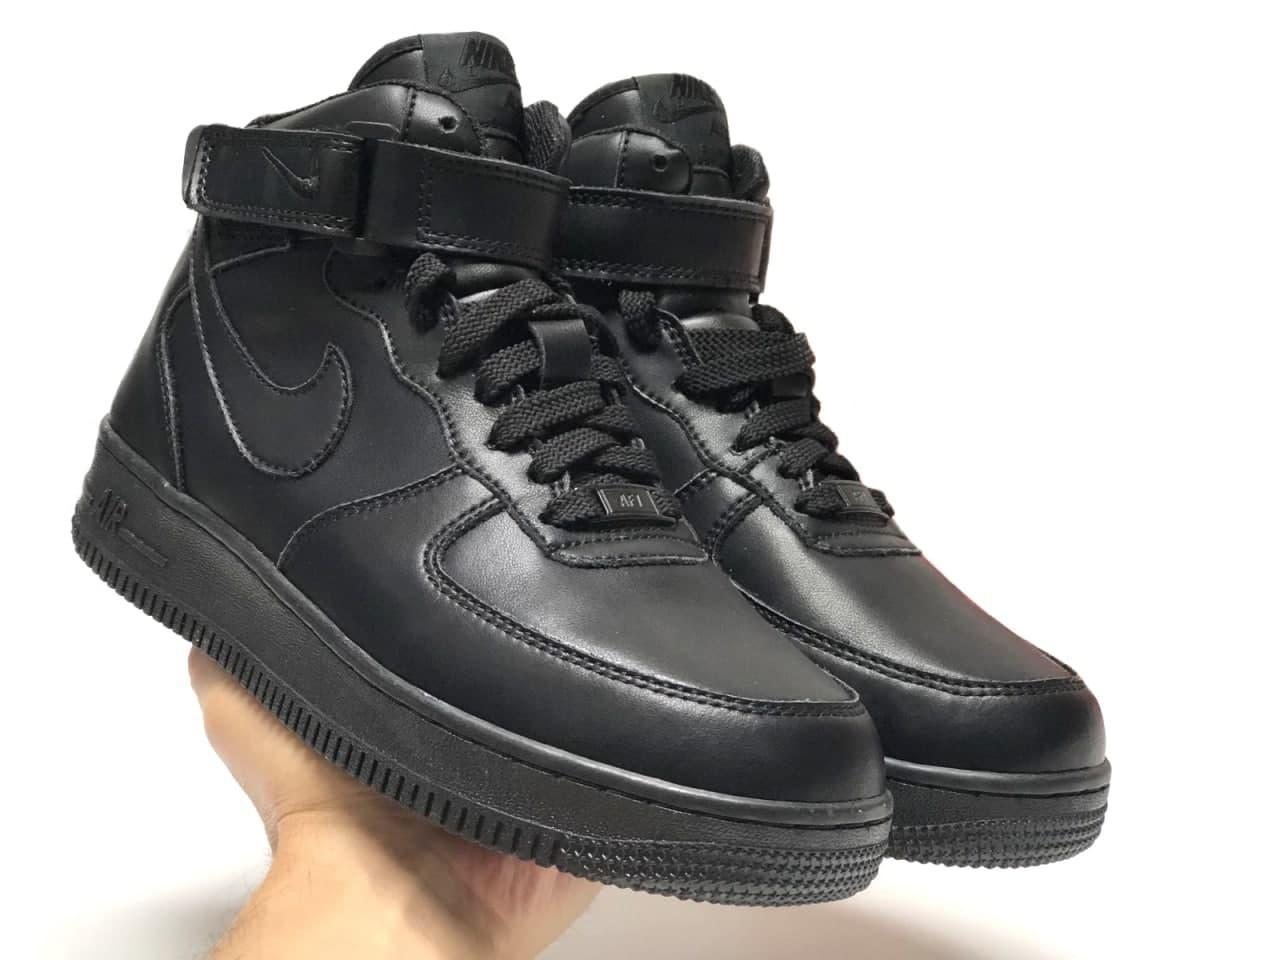 Чоловічі зимові кросівки Nike Air Force (чорні) висока стильне взуття К12360